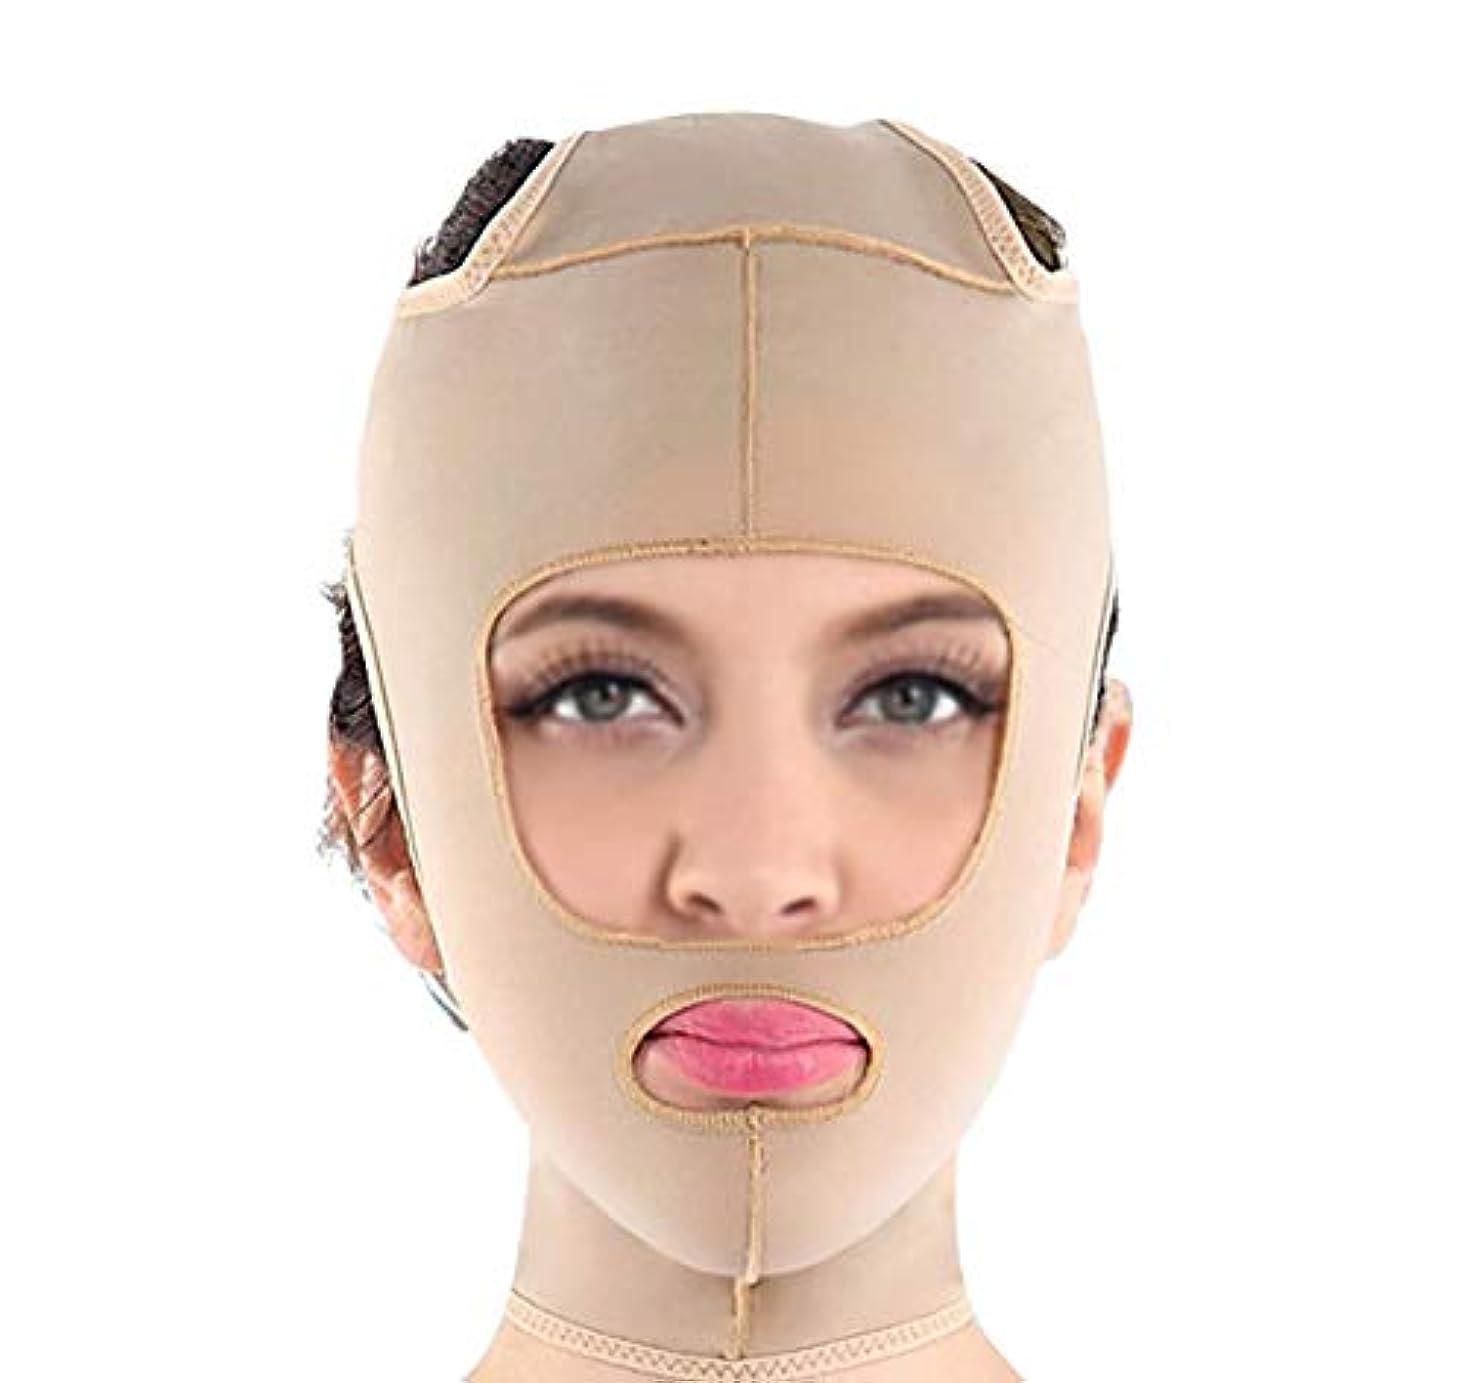 初心者サミット民間フェイスリフティングマスクで肌をよりしっかりと保ち、V字型の顔を形作り、超薄型の通気性、調節可能で快適な着用感(サイズ:Xl),M